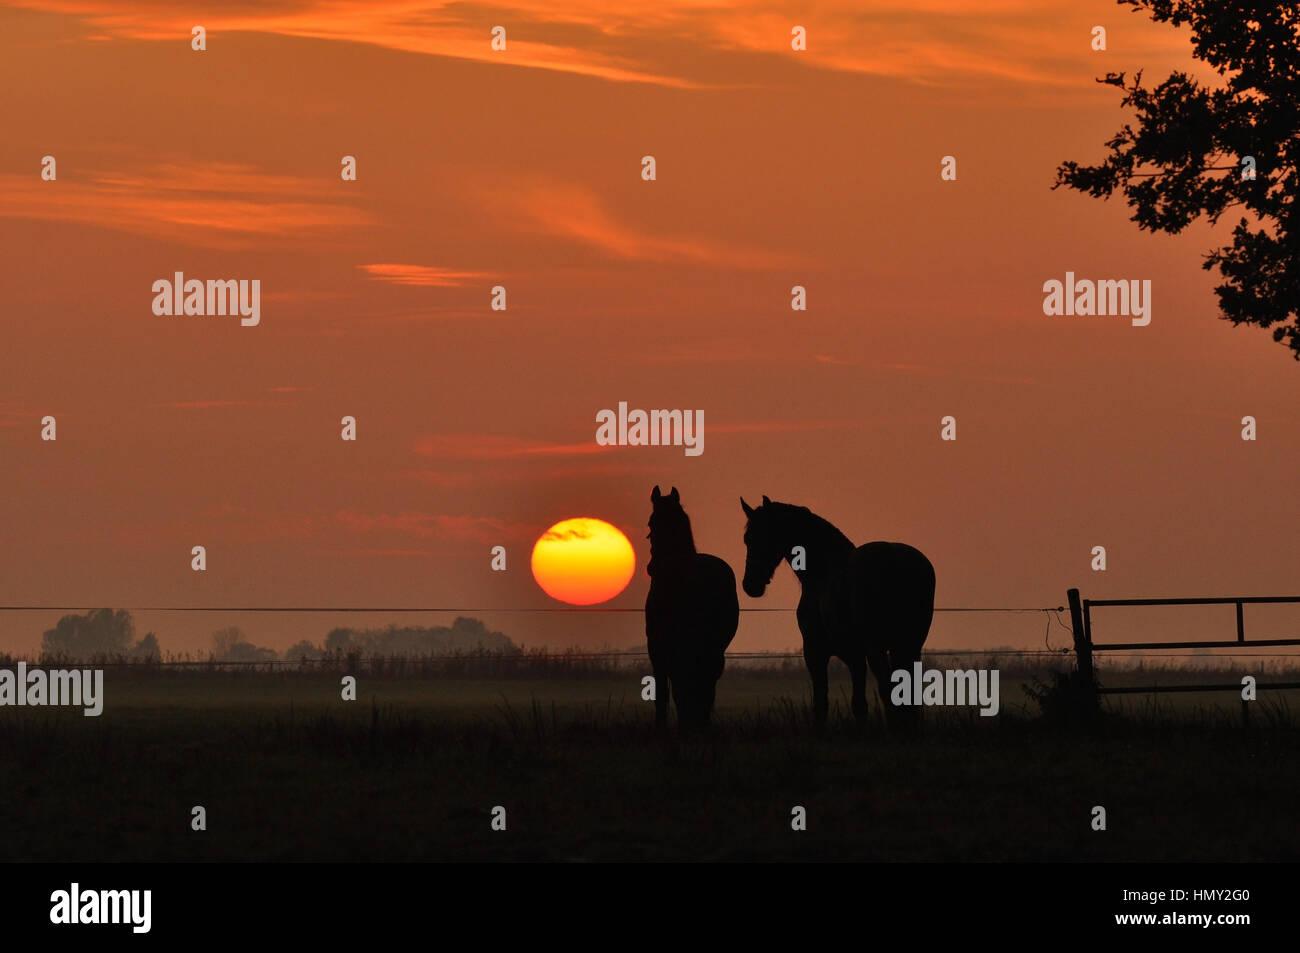 Dos caballos en un campo al atardecer Imagen De Stock